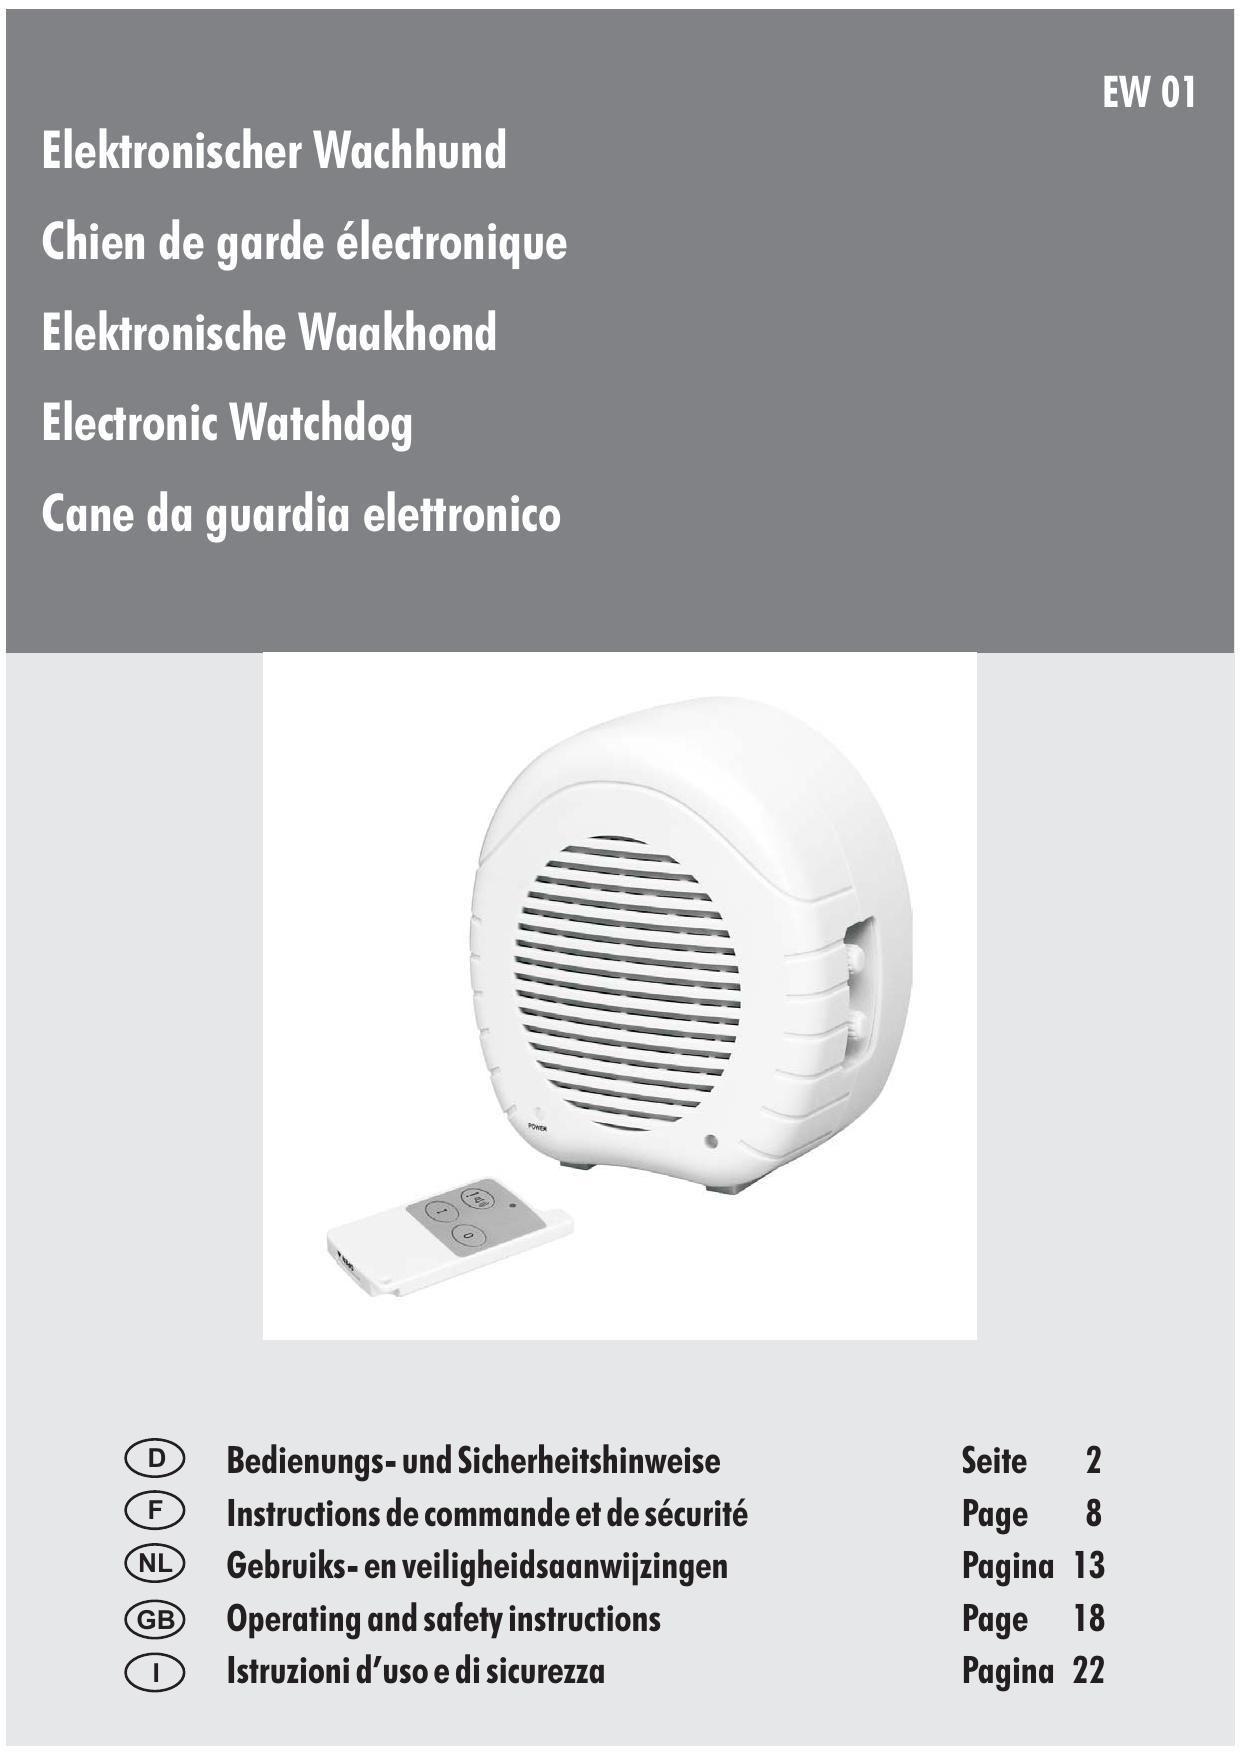 Elektronischer Wachhund Chien de garde électronique Elektronische Waakhond Electronic Watchdog